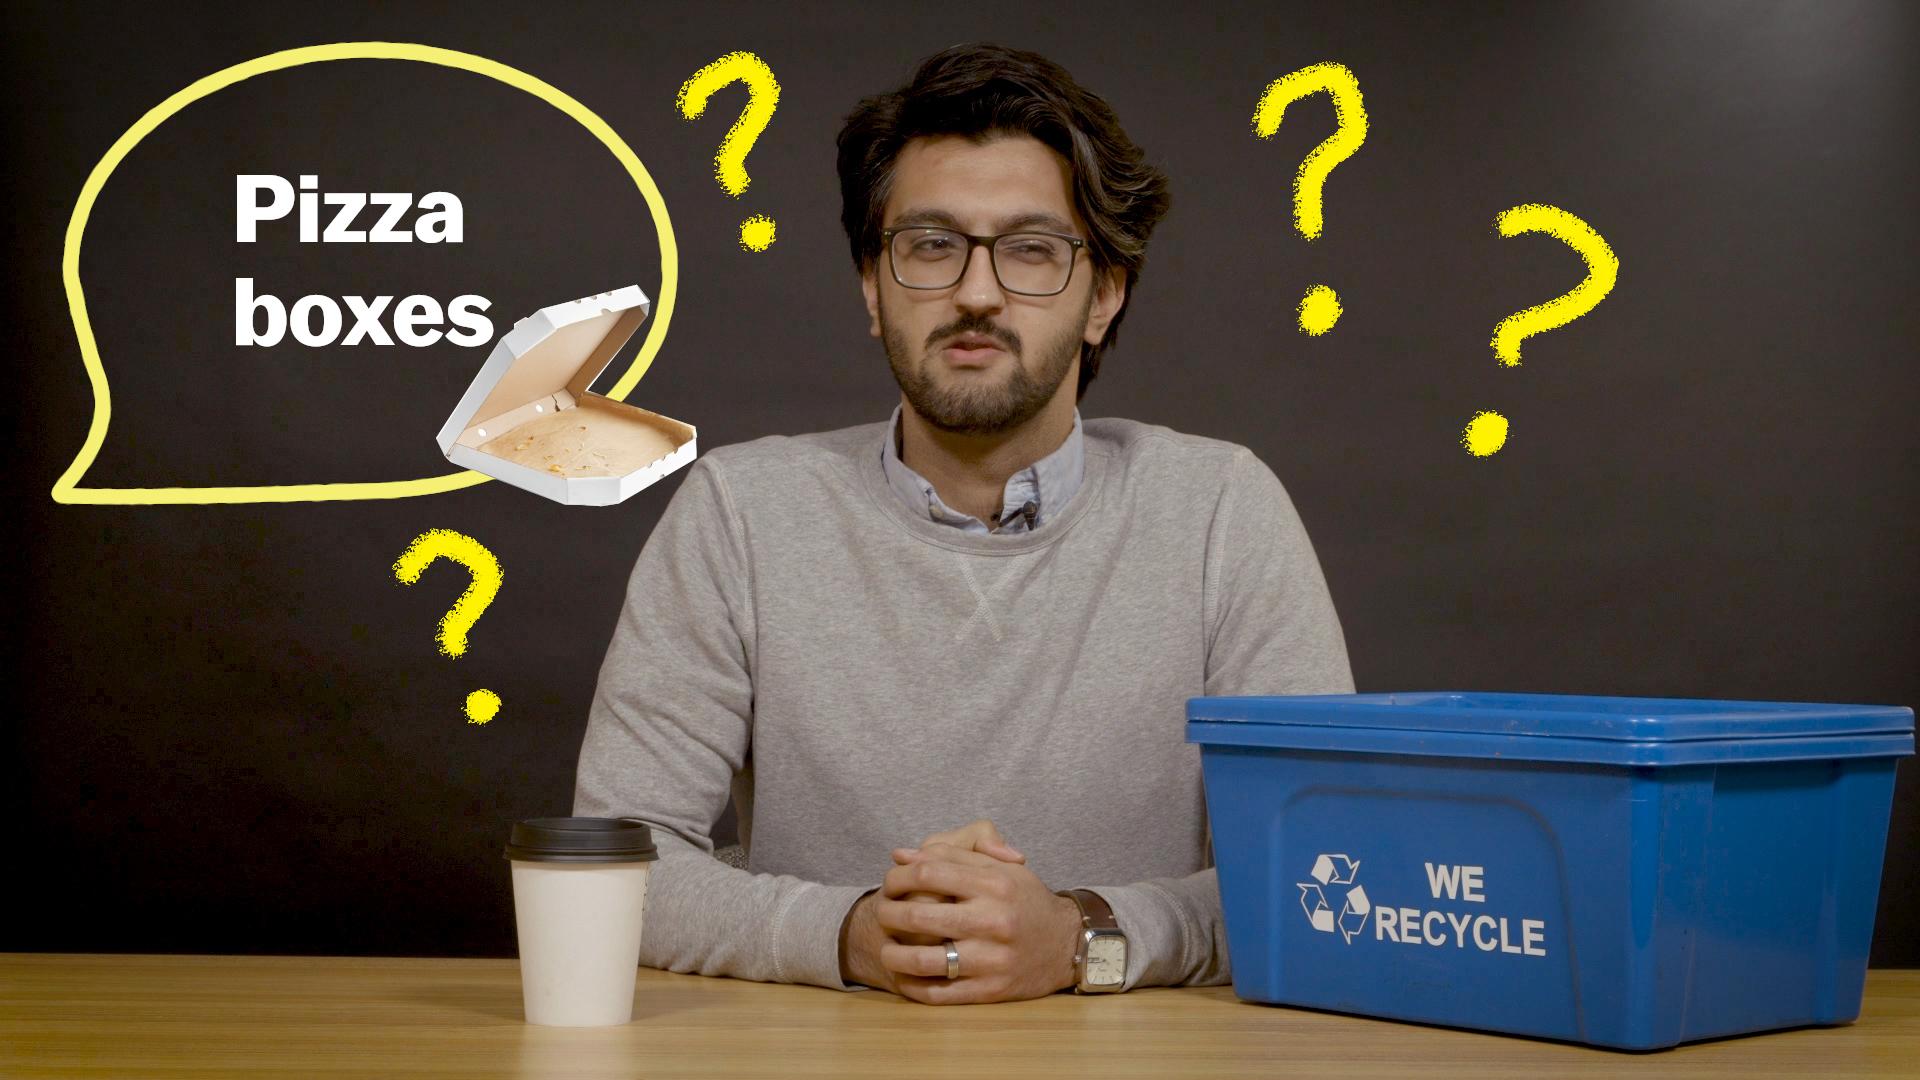 wwww video